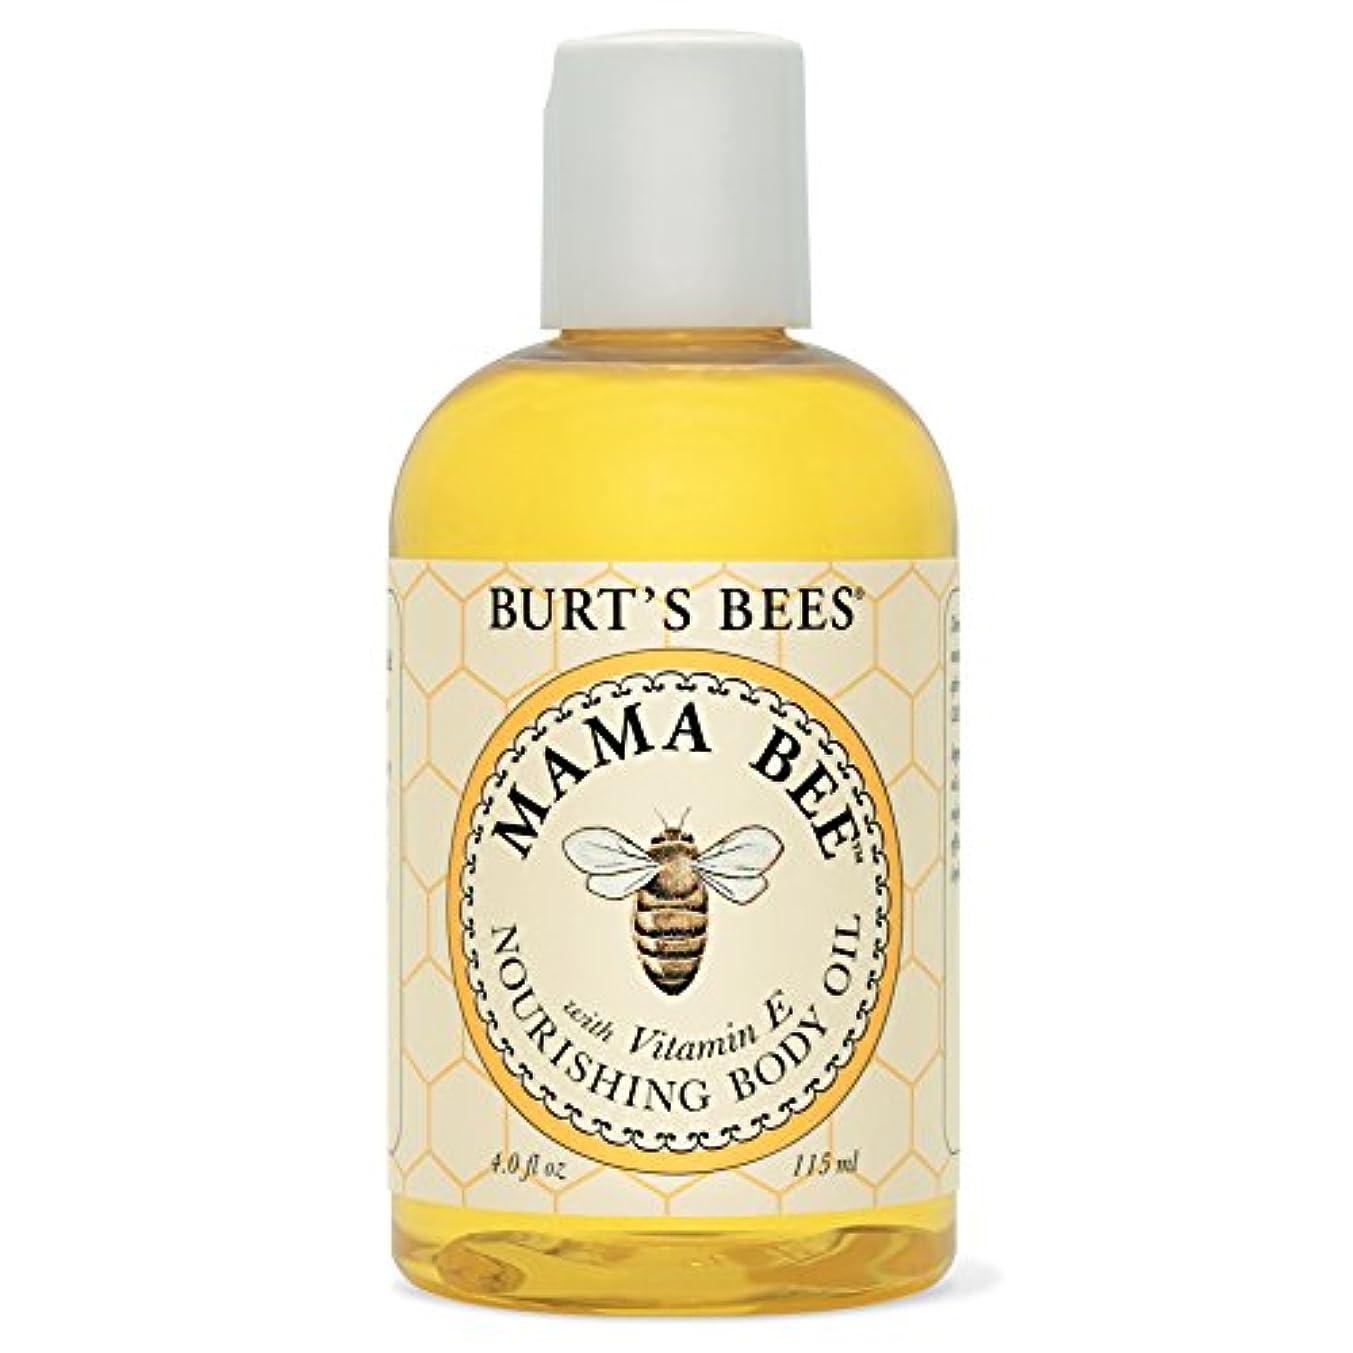 アルプス可能性ピアースバーツビーママ蜂栄養ボディオイル115ミリリットル (Burt's Bees) (x6) - Burt's Bees Mama Bee Nourishing Body Oil 115ml (Pack of 6) [並行輸入品]